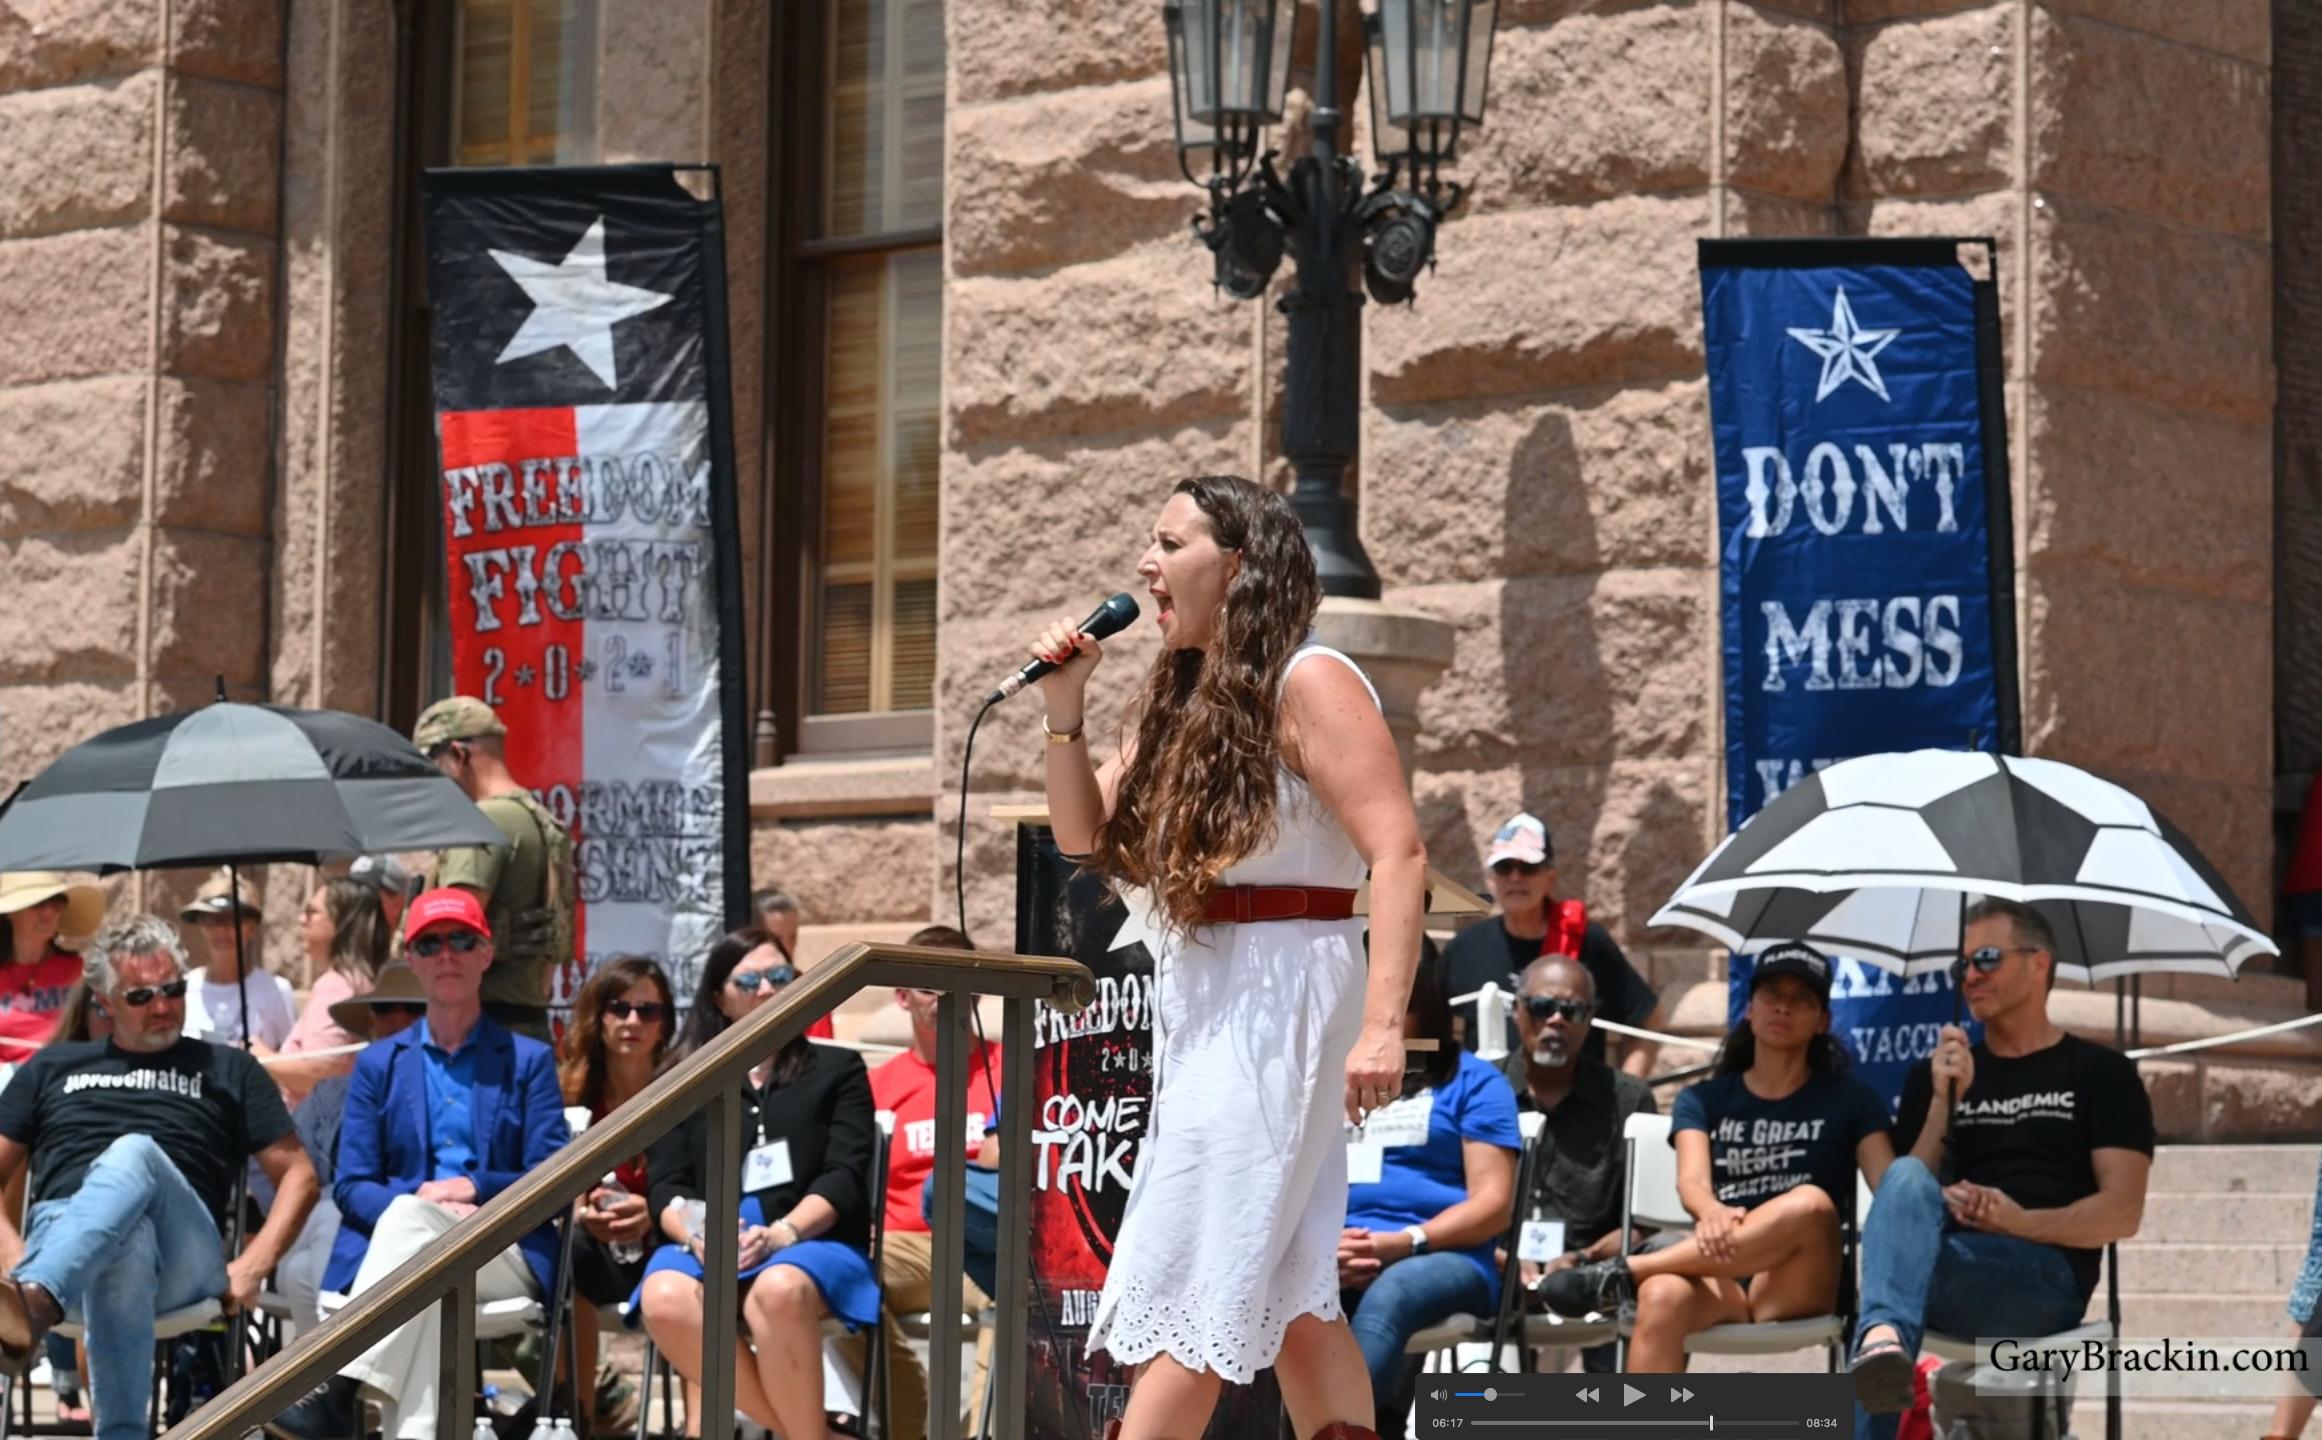 Texans For Vaccine Choice - FredomFight2021